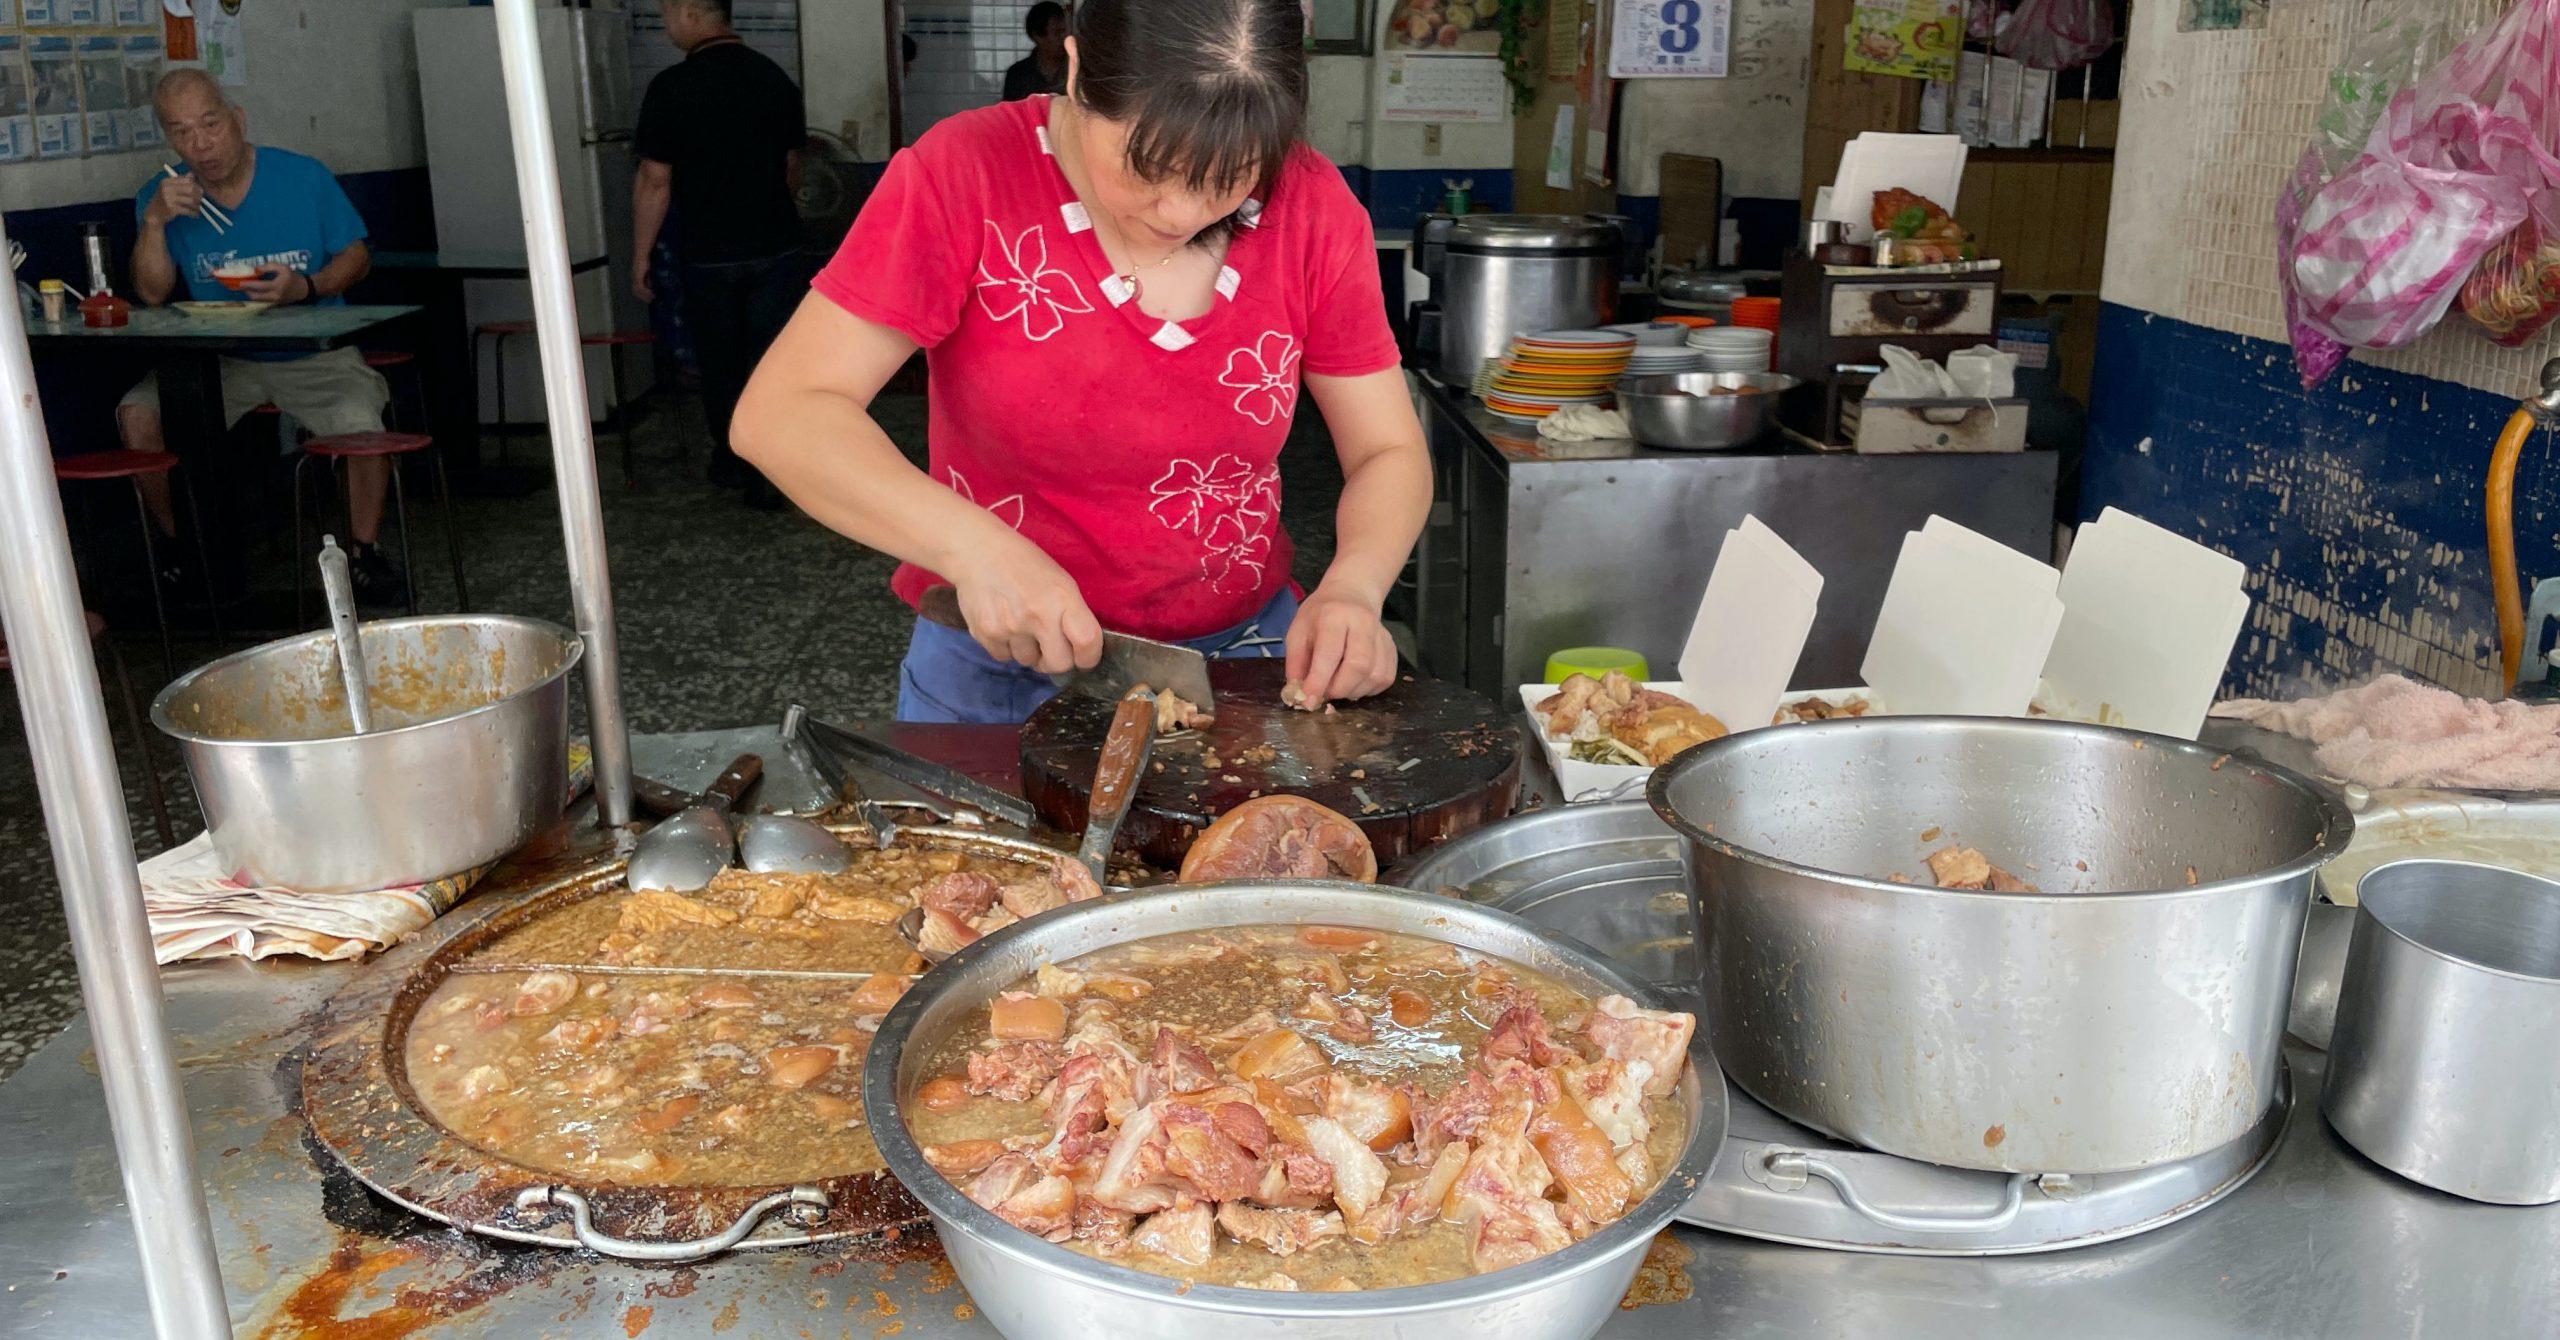 今日熱門文章:【三重美食】阿發豬腳,台北橋站超人氣三重豬腳推薦